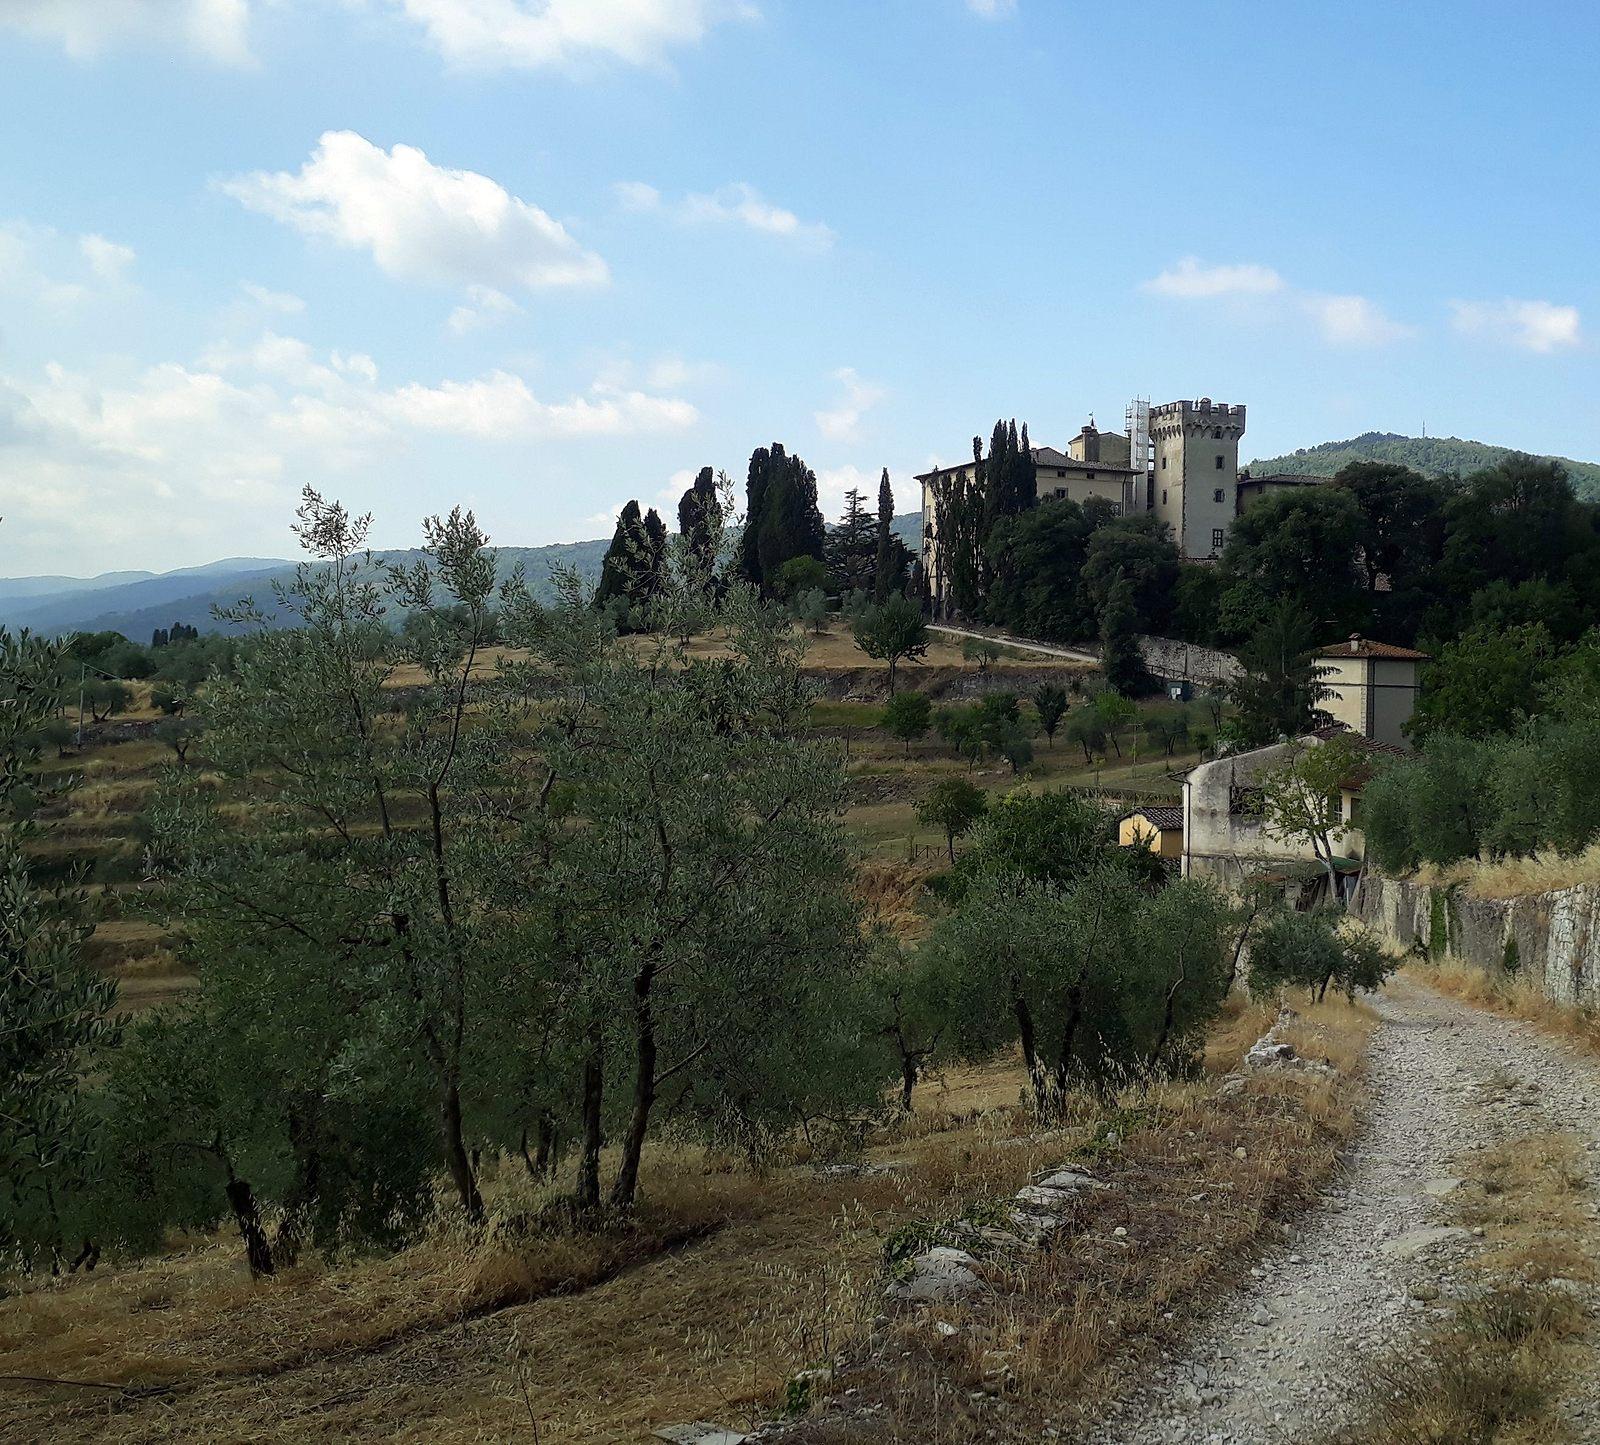 Šutrovité cestičky cez vinohrady a olivové háje (viac foto v galérii)